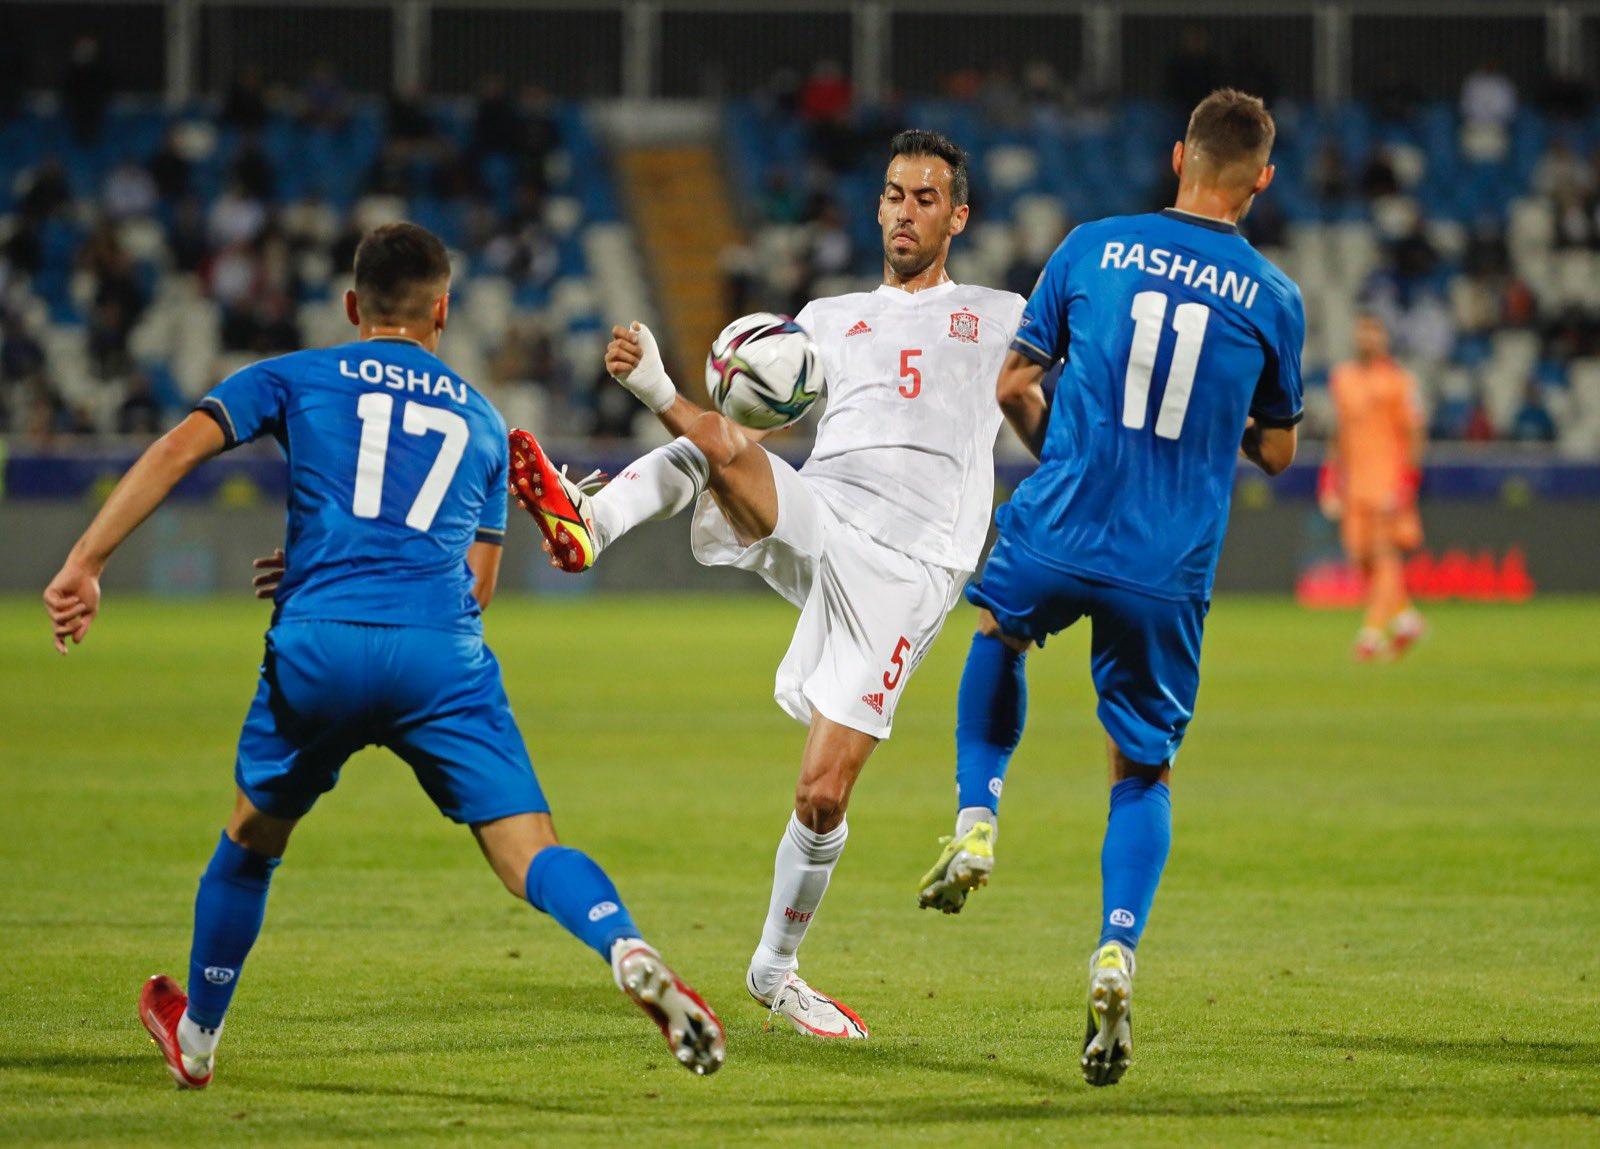 Dàn sao Ngoại hạng Anh tỏa sáng, Tây Ban Nha nhọc nhằn giành 3 điểm trước Kosovo - Ảnh 3.